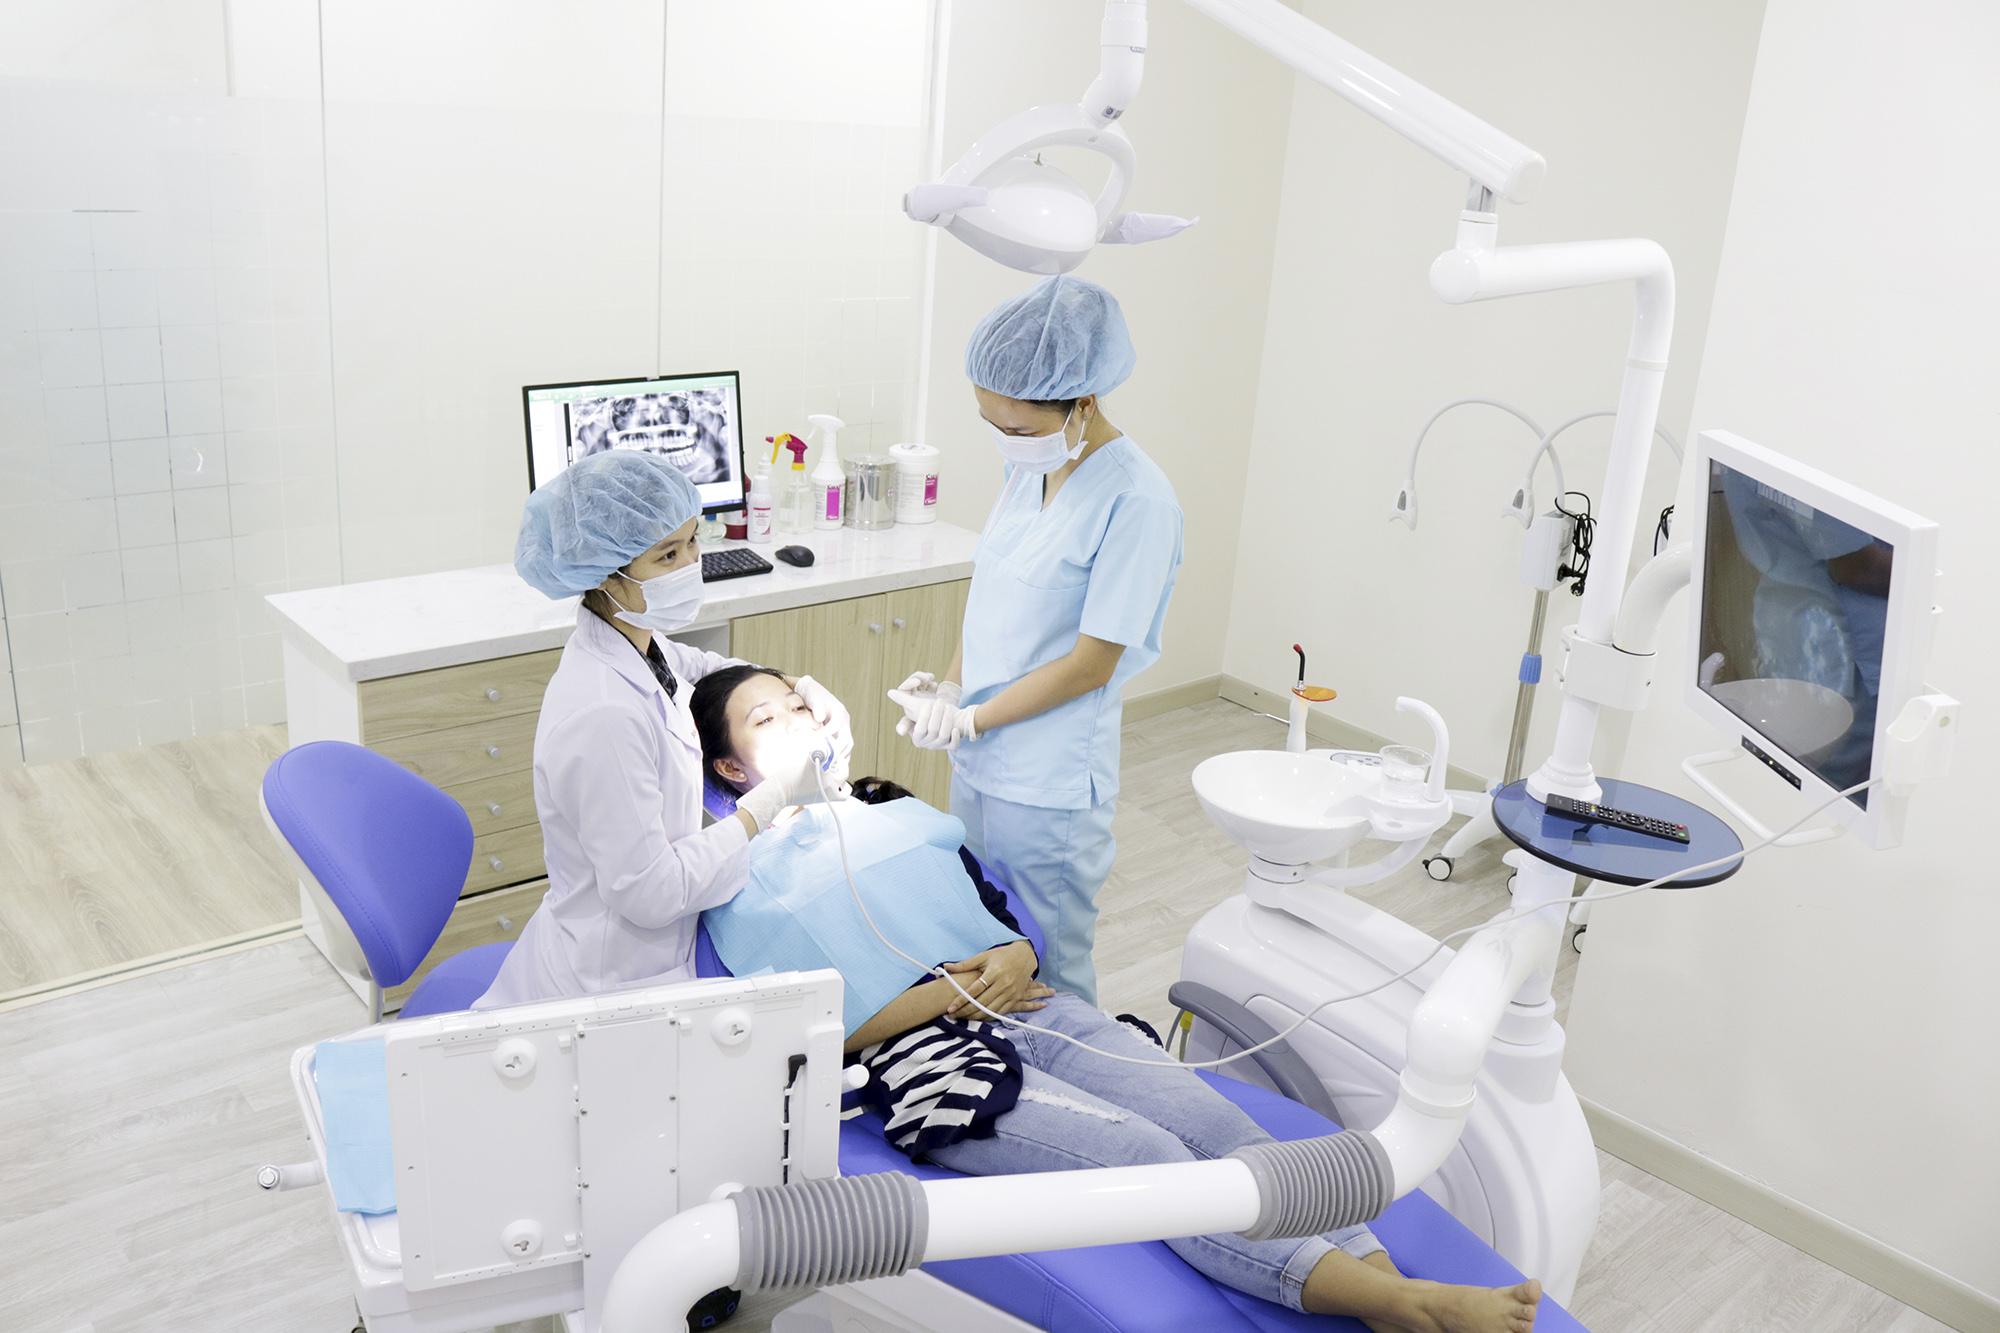 Nha khoa Kim có 19 cơ sở trong toàn quốc, dự định mở rộng trong thời gian tới. Ảnh: Nha khoa Kim.